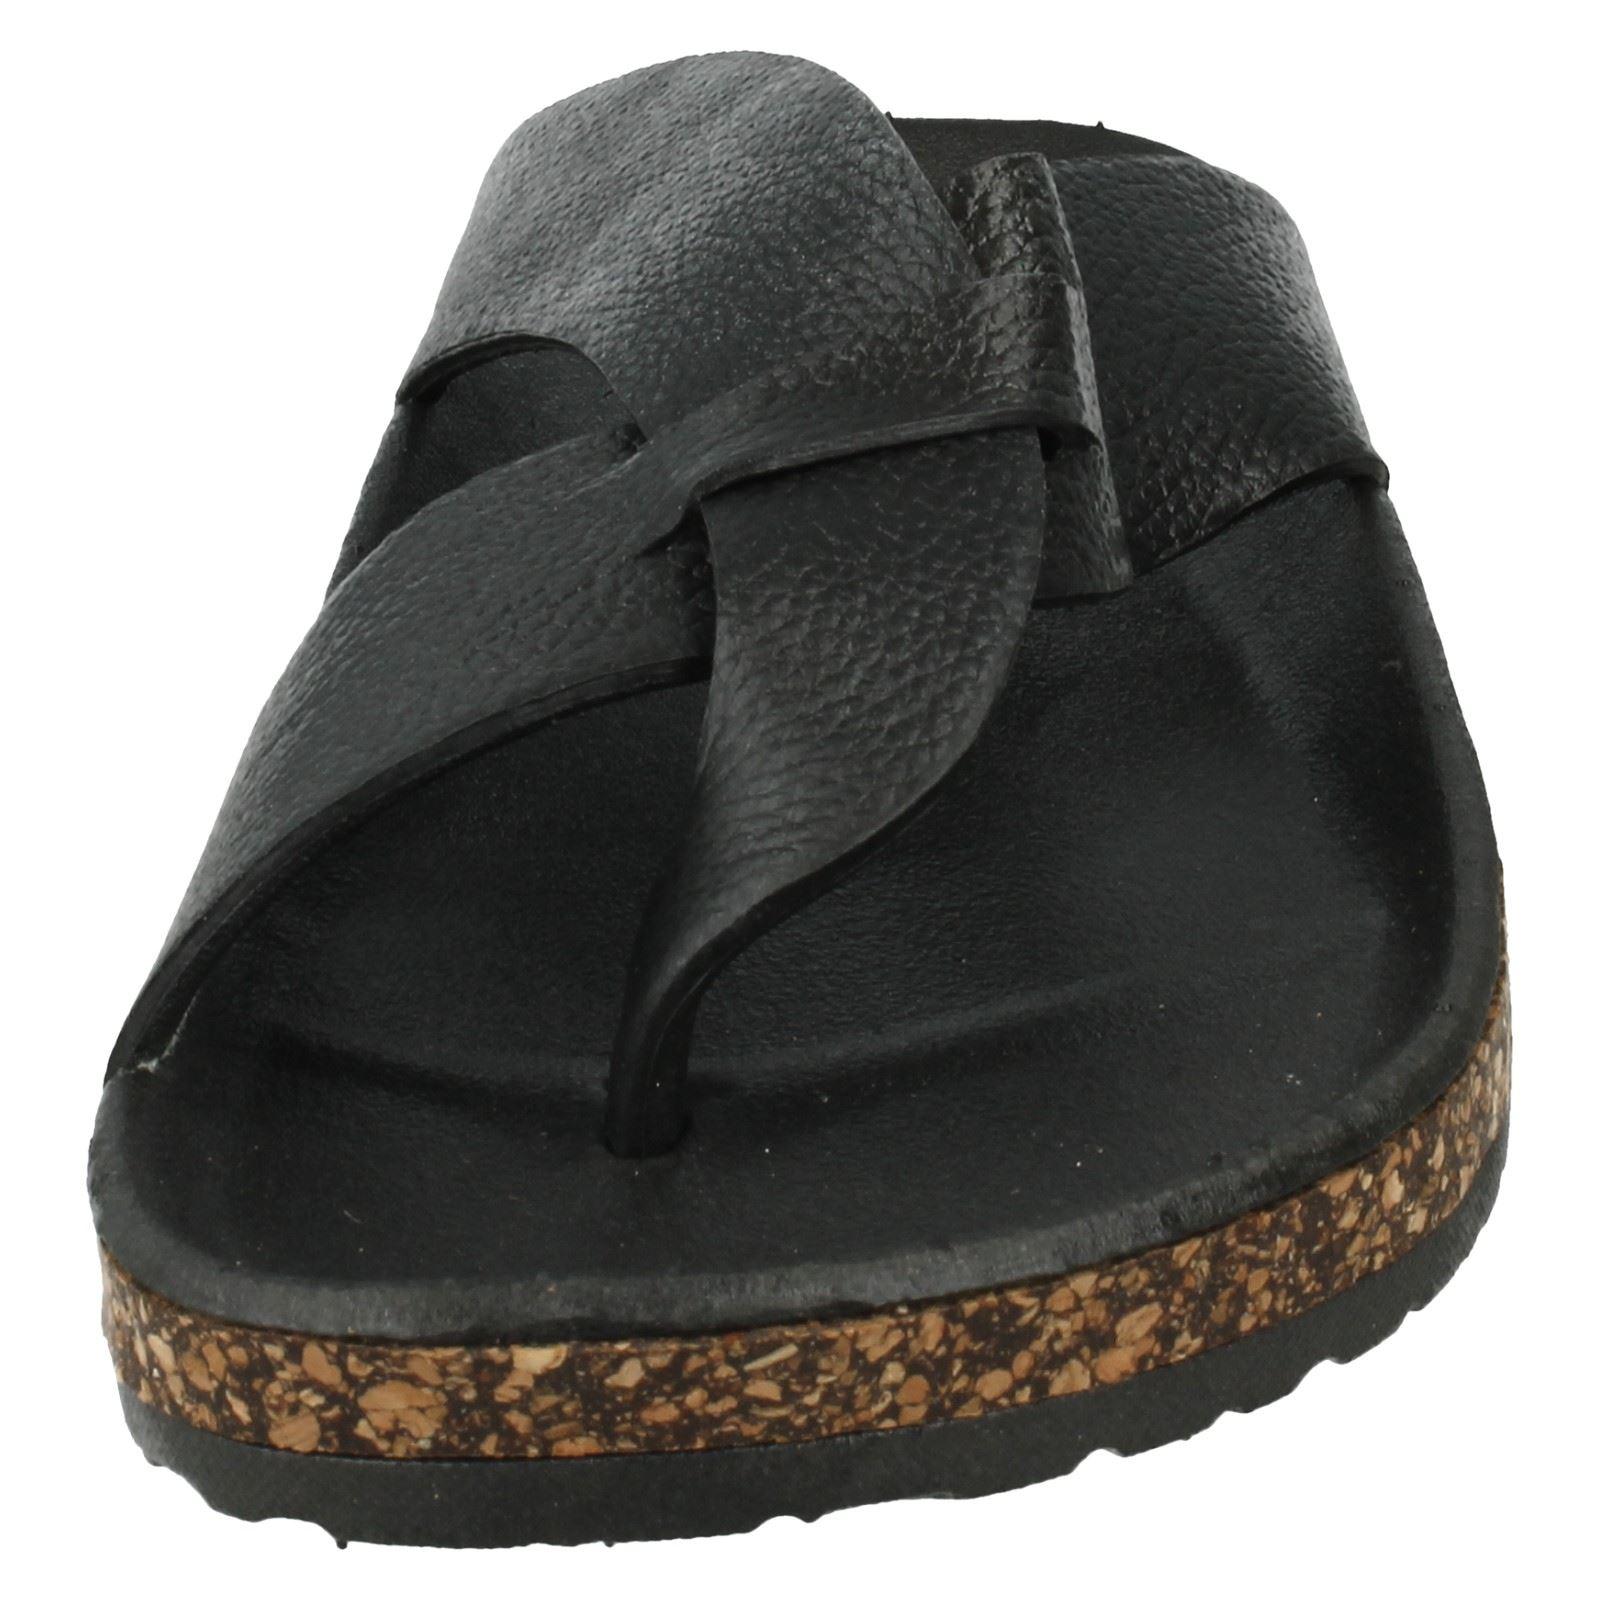 Para Hombres Sandalias Footbed Toepost Slip On con el estilo-A0034 Corcho Effect